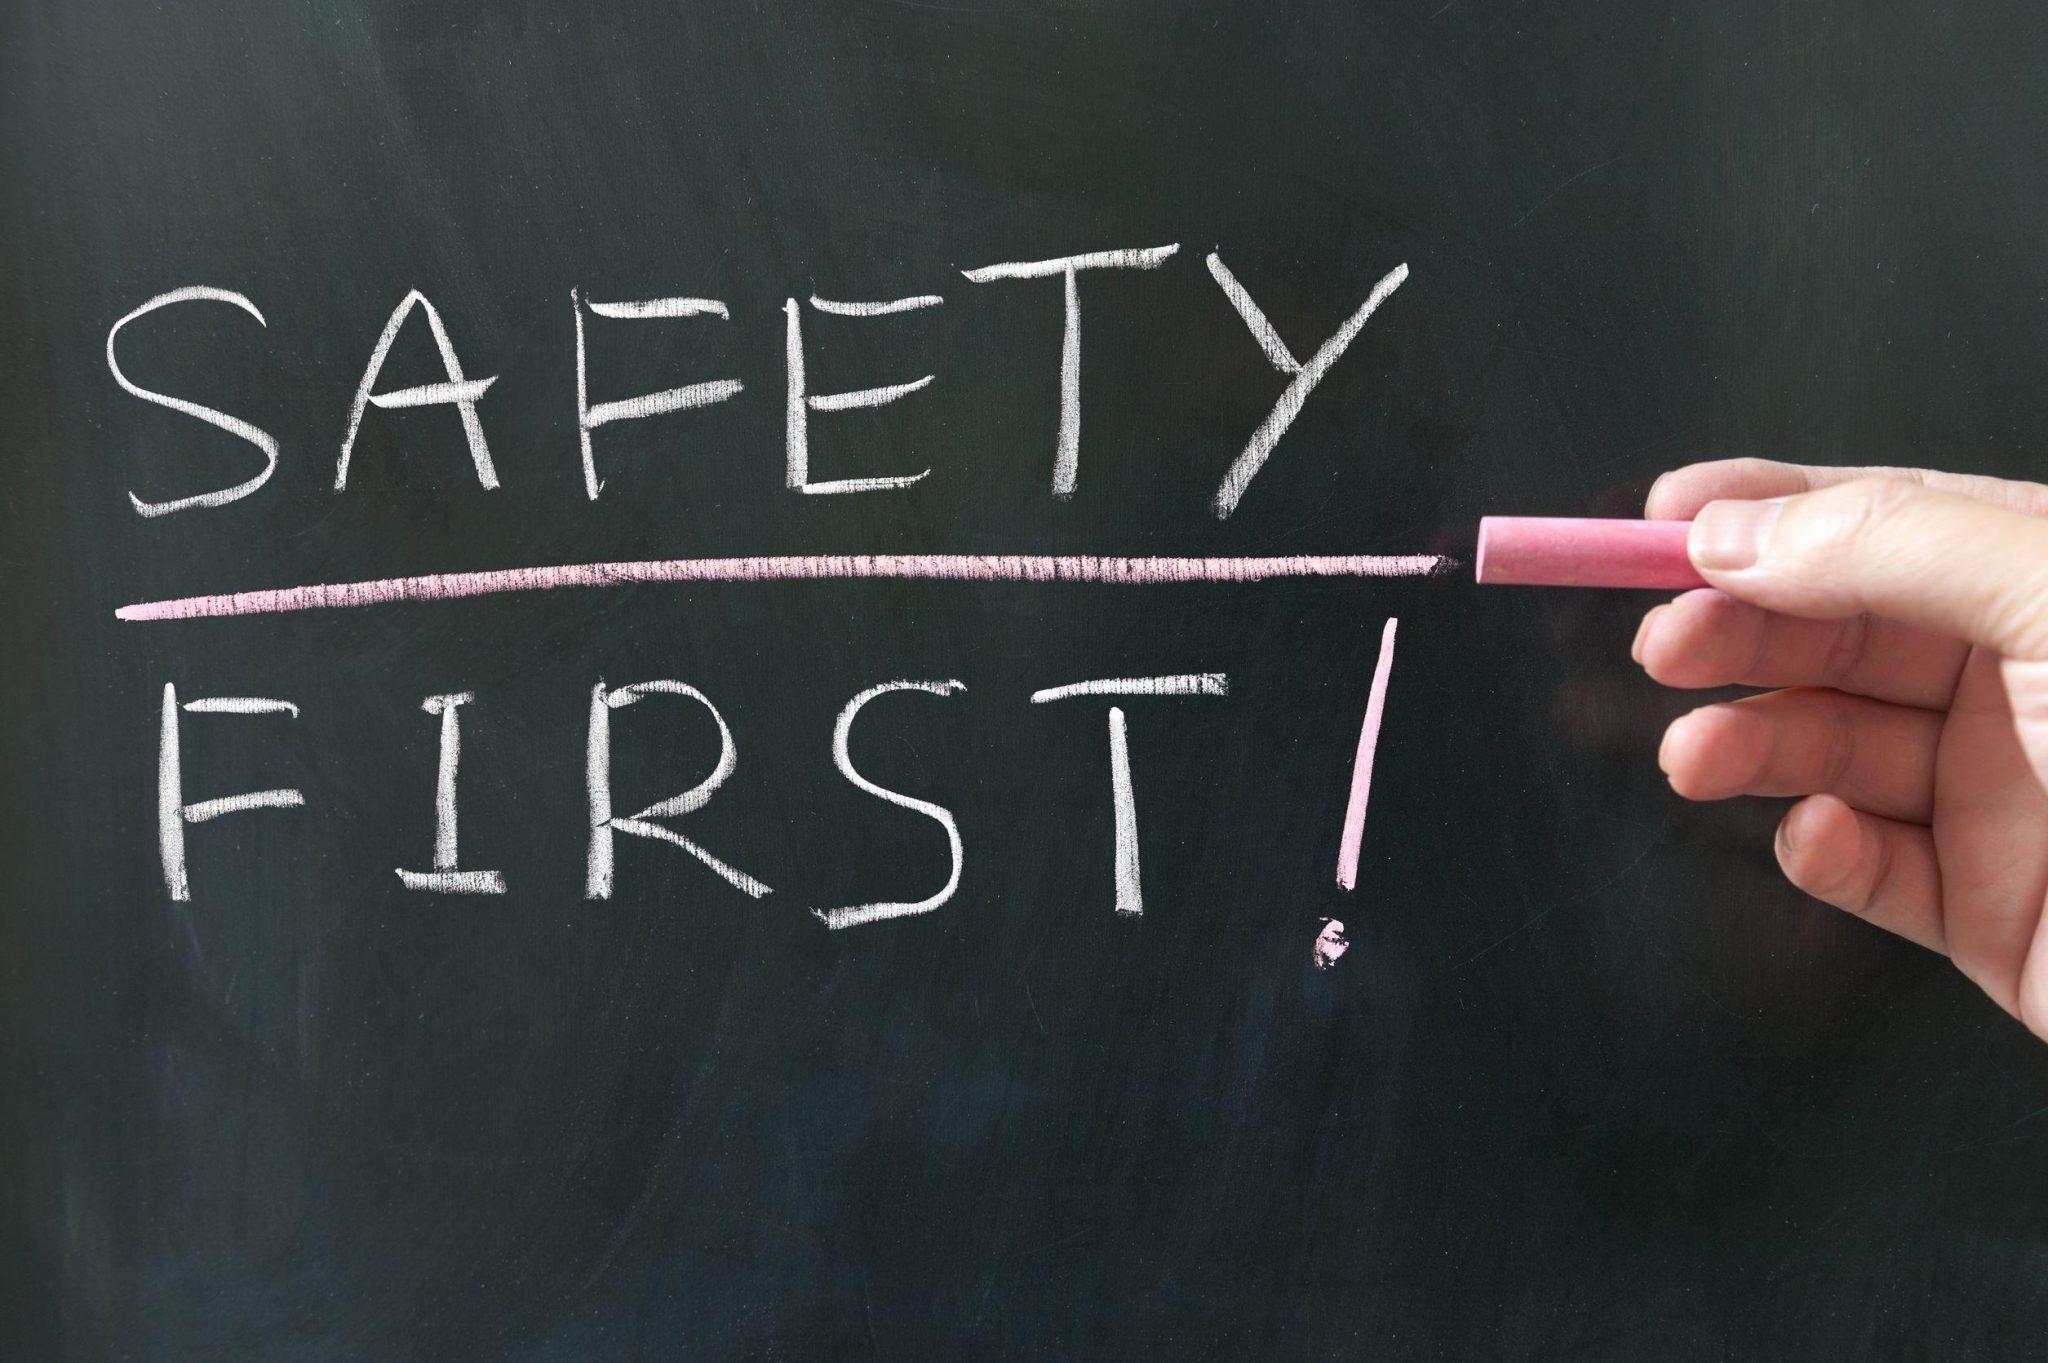 Μέτρα προστασίας και προδιαγραφές λειτουργίας